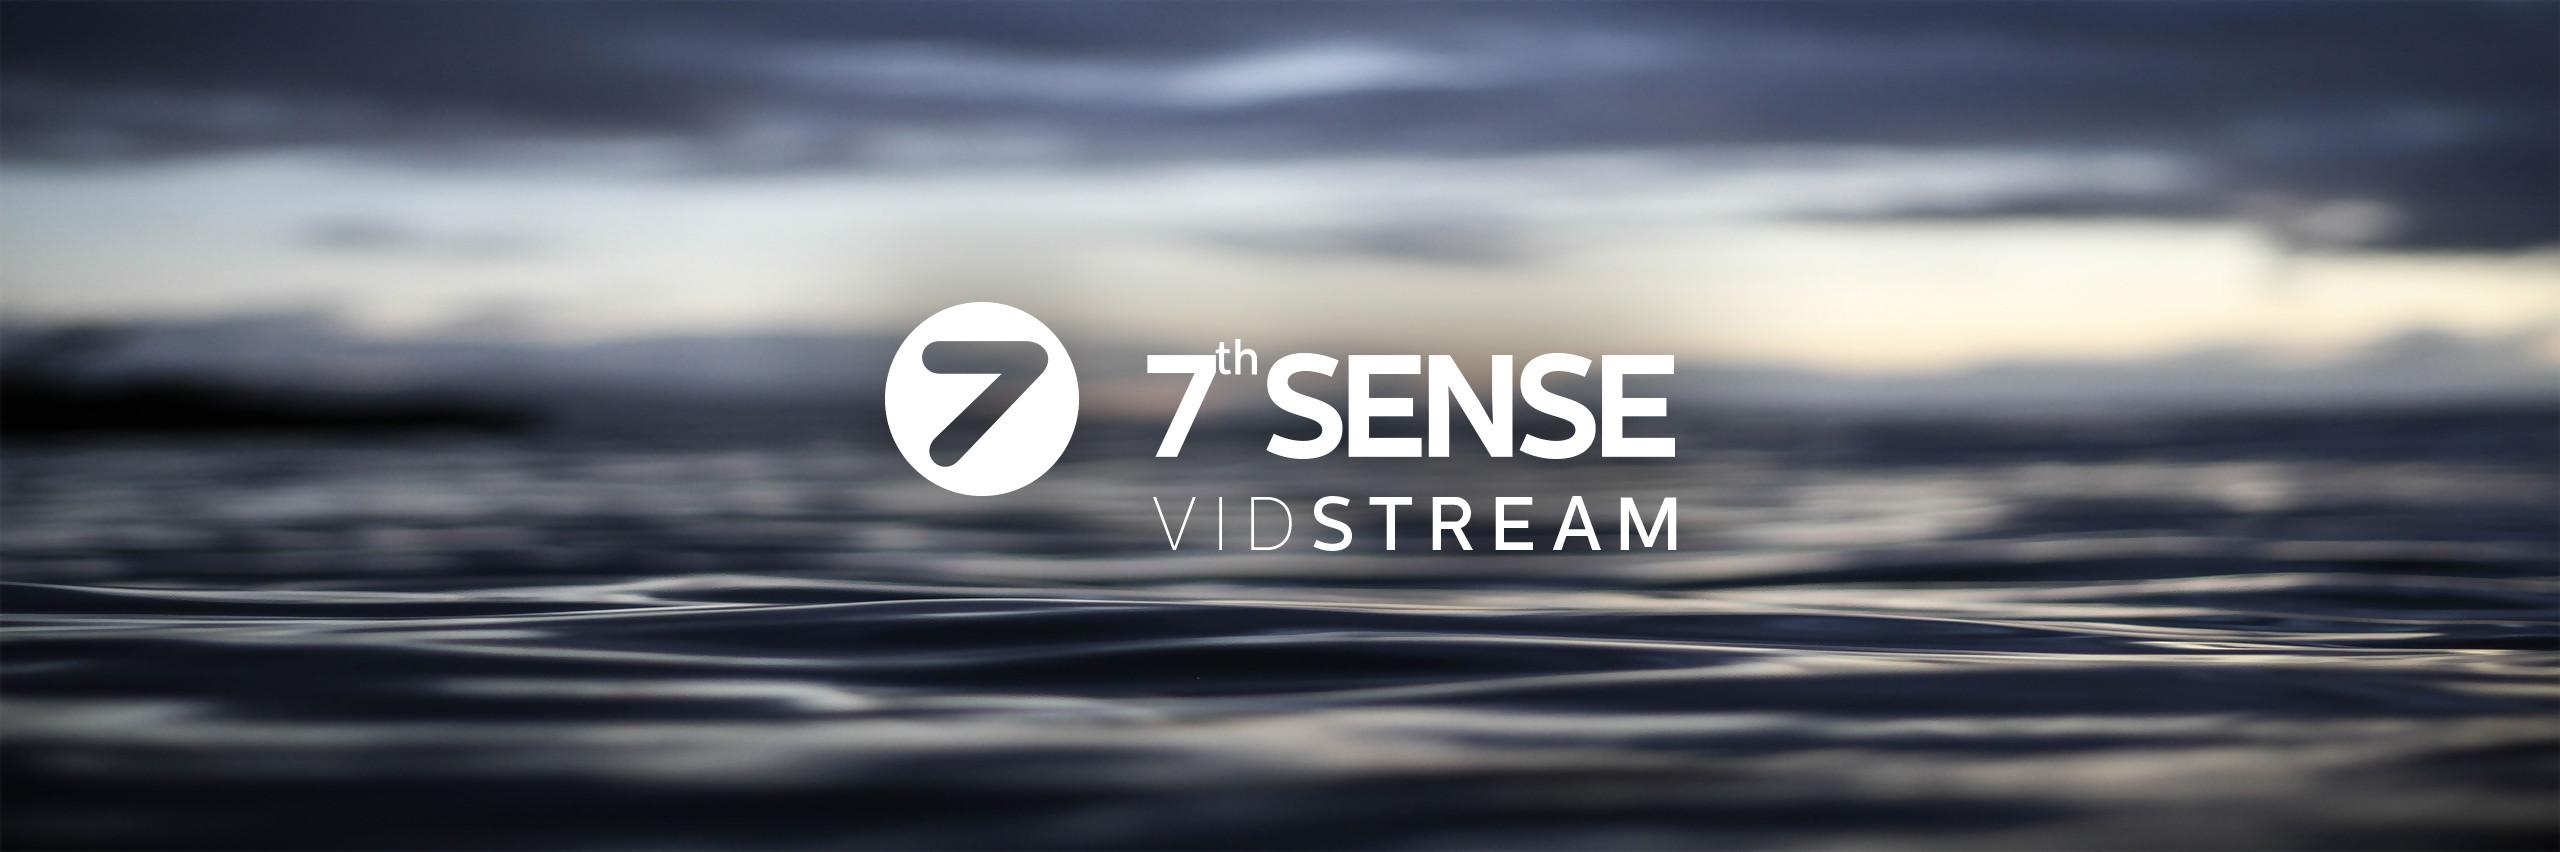 VidStream Channel 3